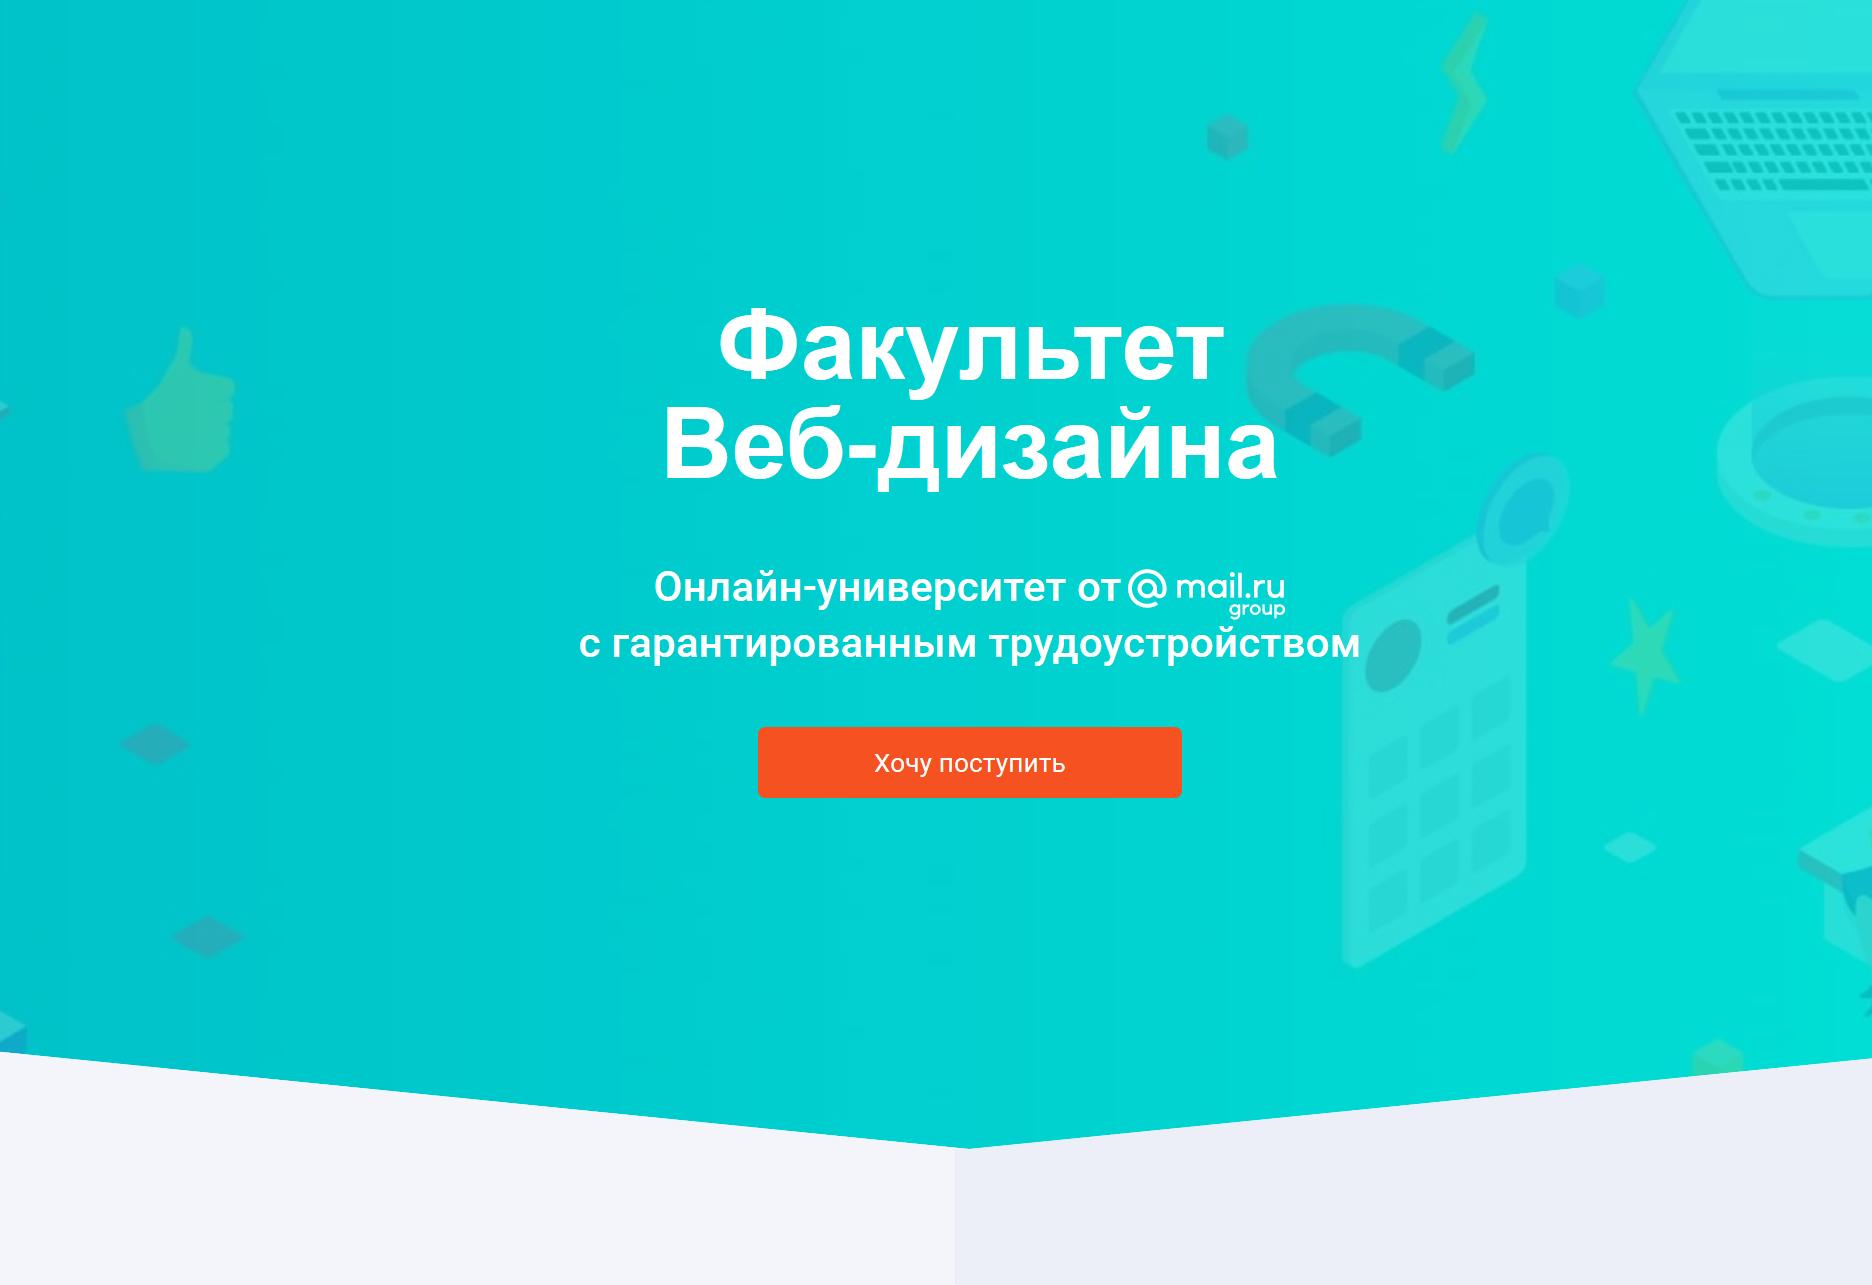 Geek University Факультет веб-дизайна GeekBrains - образовательный портал